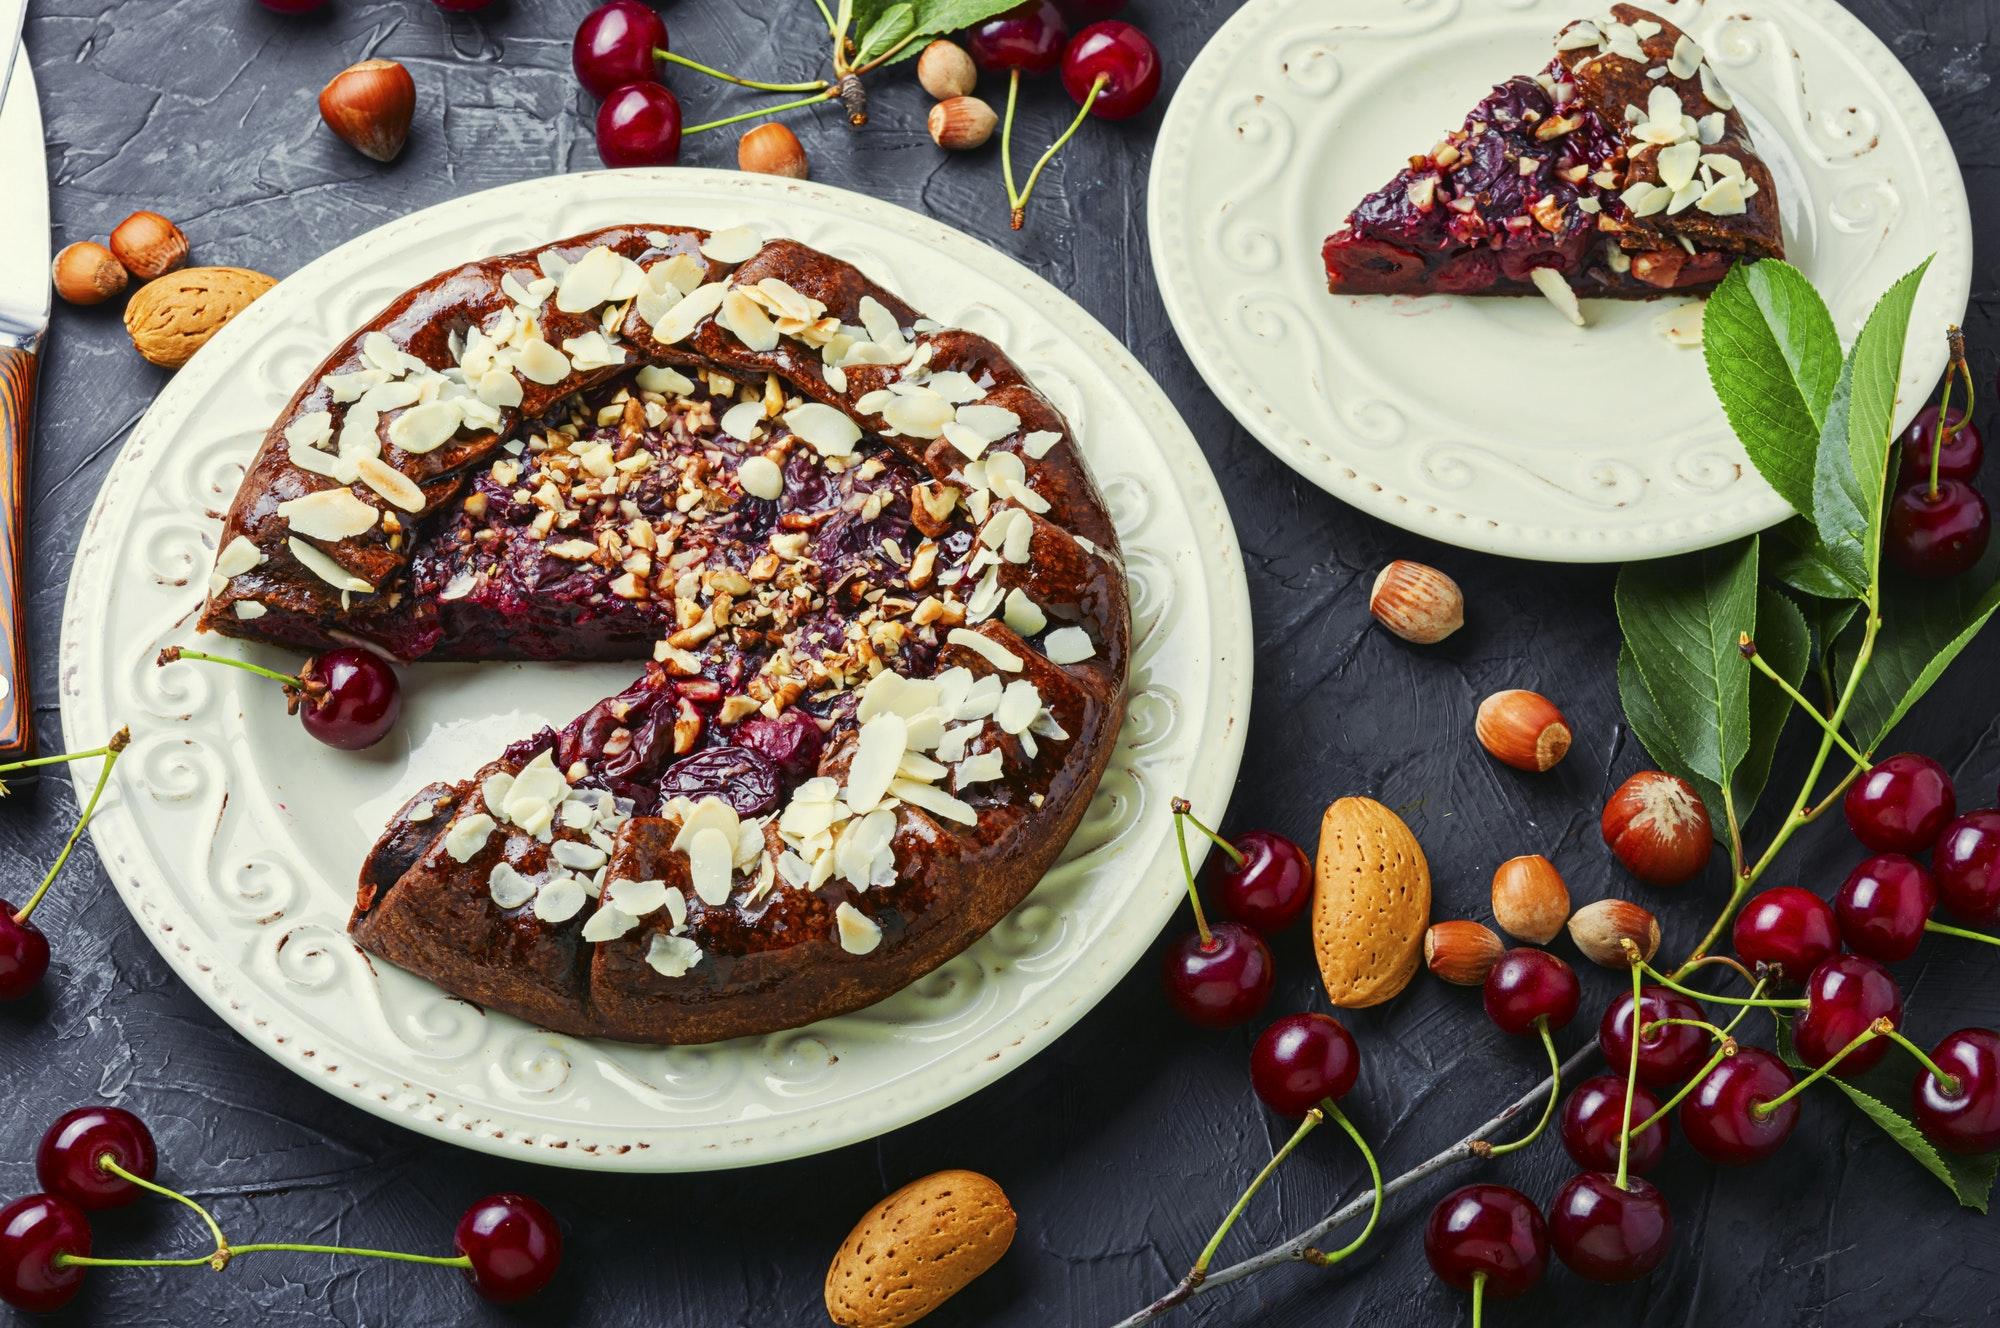 Cherry chocolate cake.